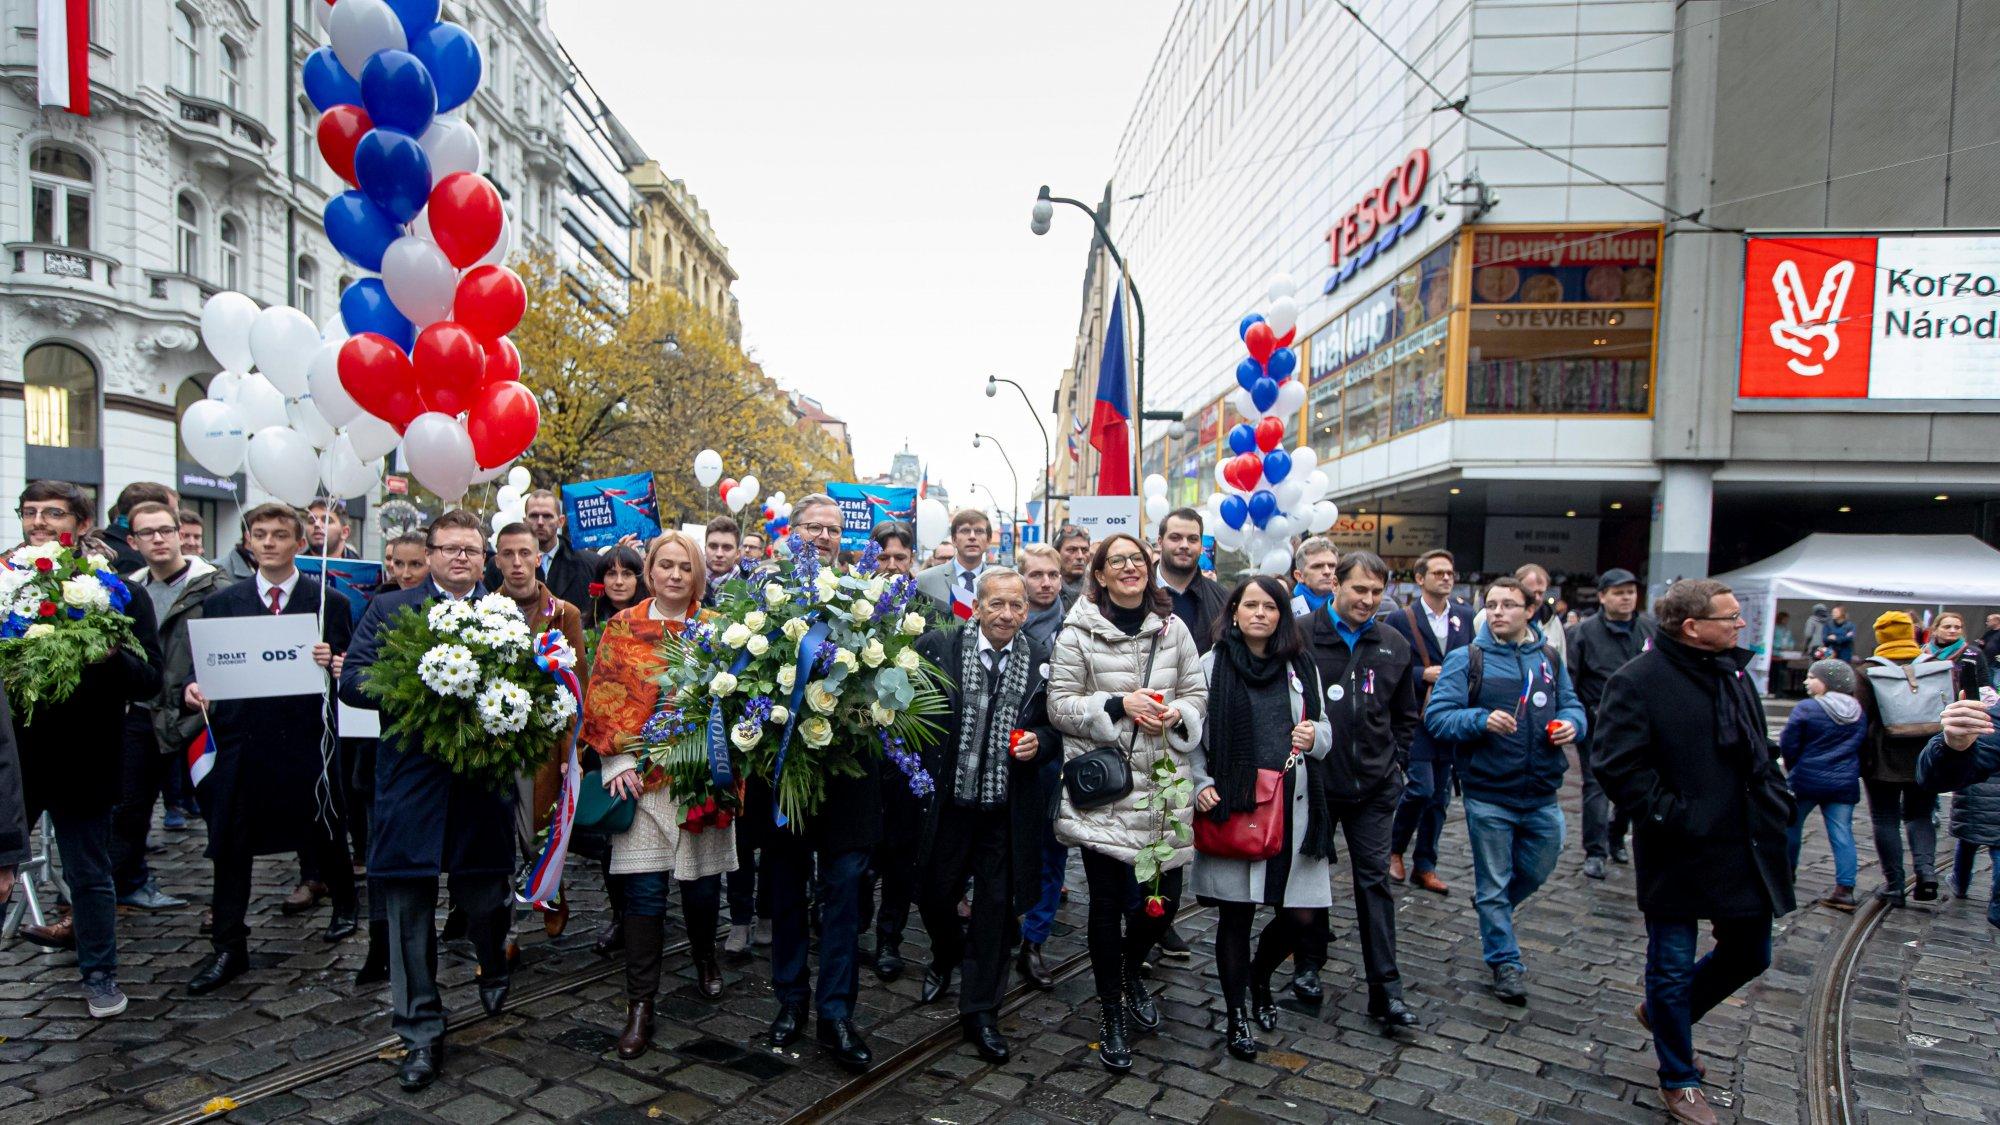 ODS: Svoboda není samozřejmost. Oslavy pádu komunistického režimu jsou každým rokem důležitější